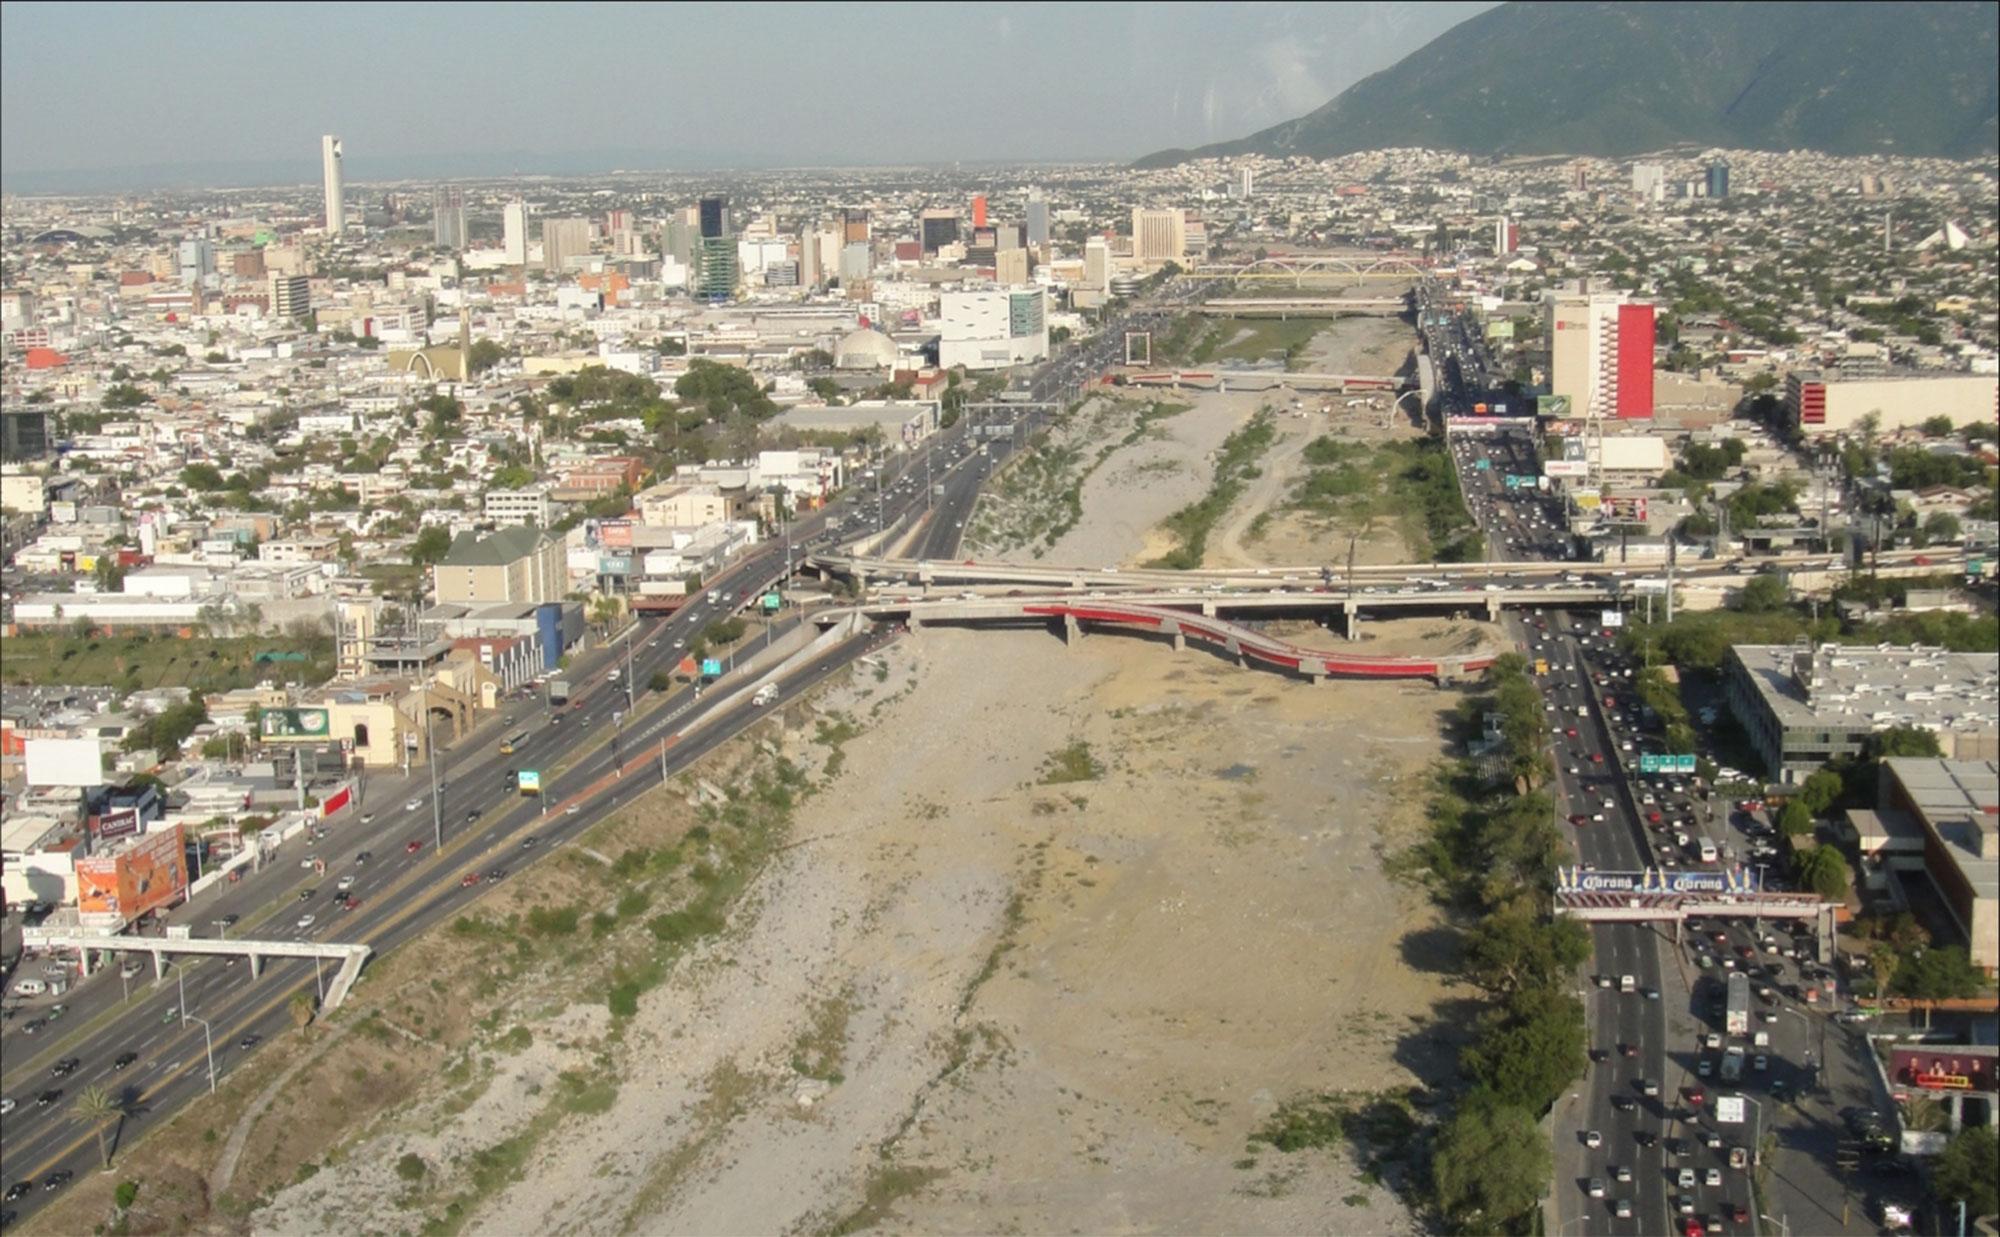 Las avenidas Constitución y Morones Prieto hacen  swandich  al río Santa Catarina a la altura de CONVEX, con pocas –o nulas– oportunidades de acceso peatonal. Foto tomada en 2012.